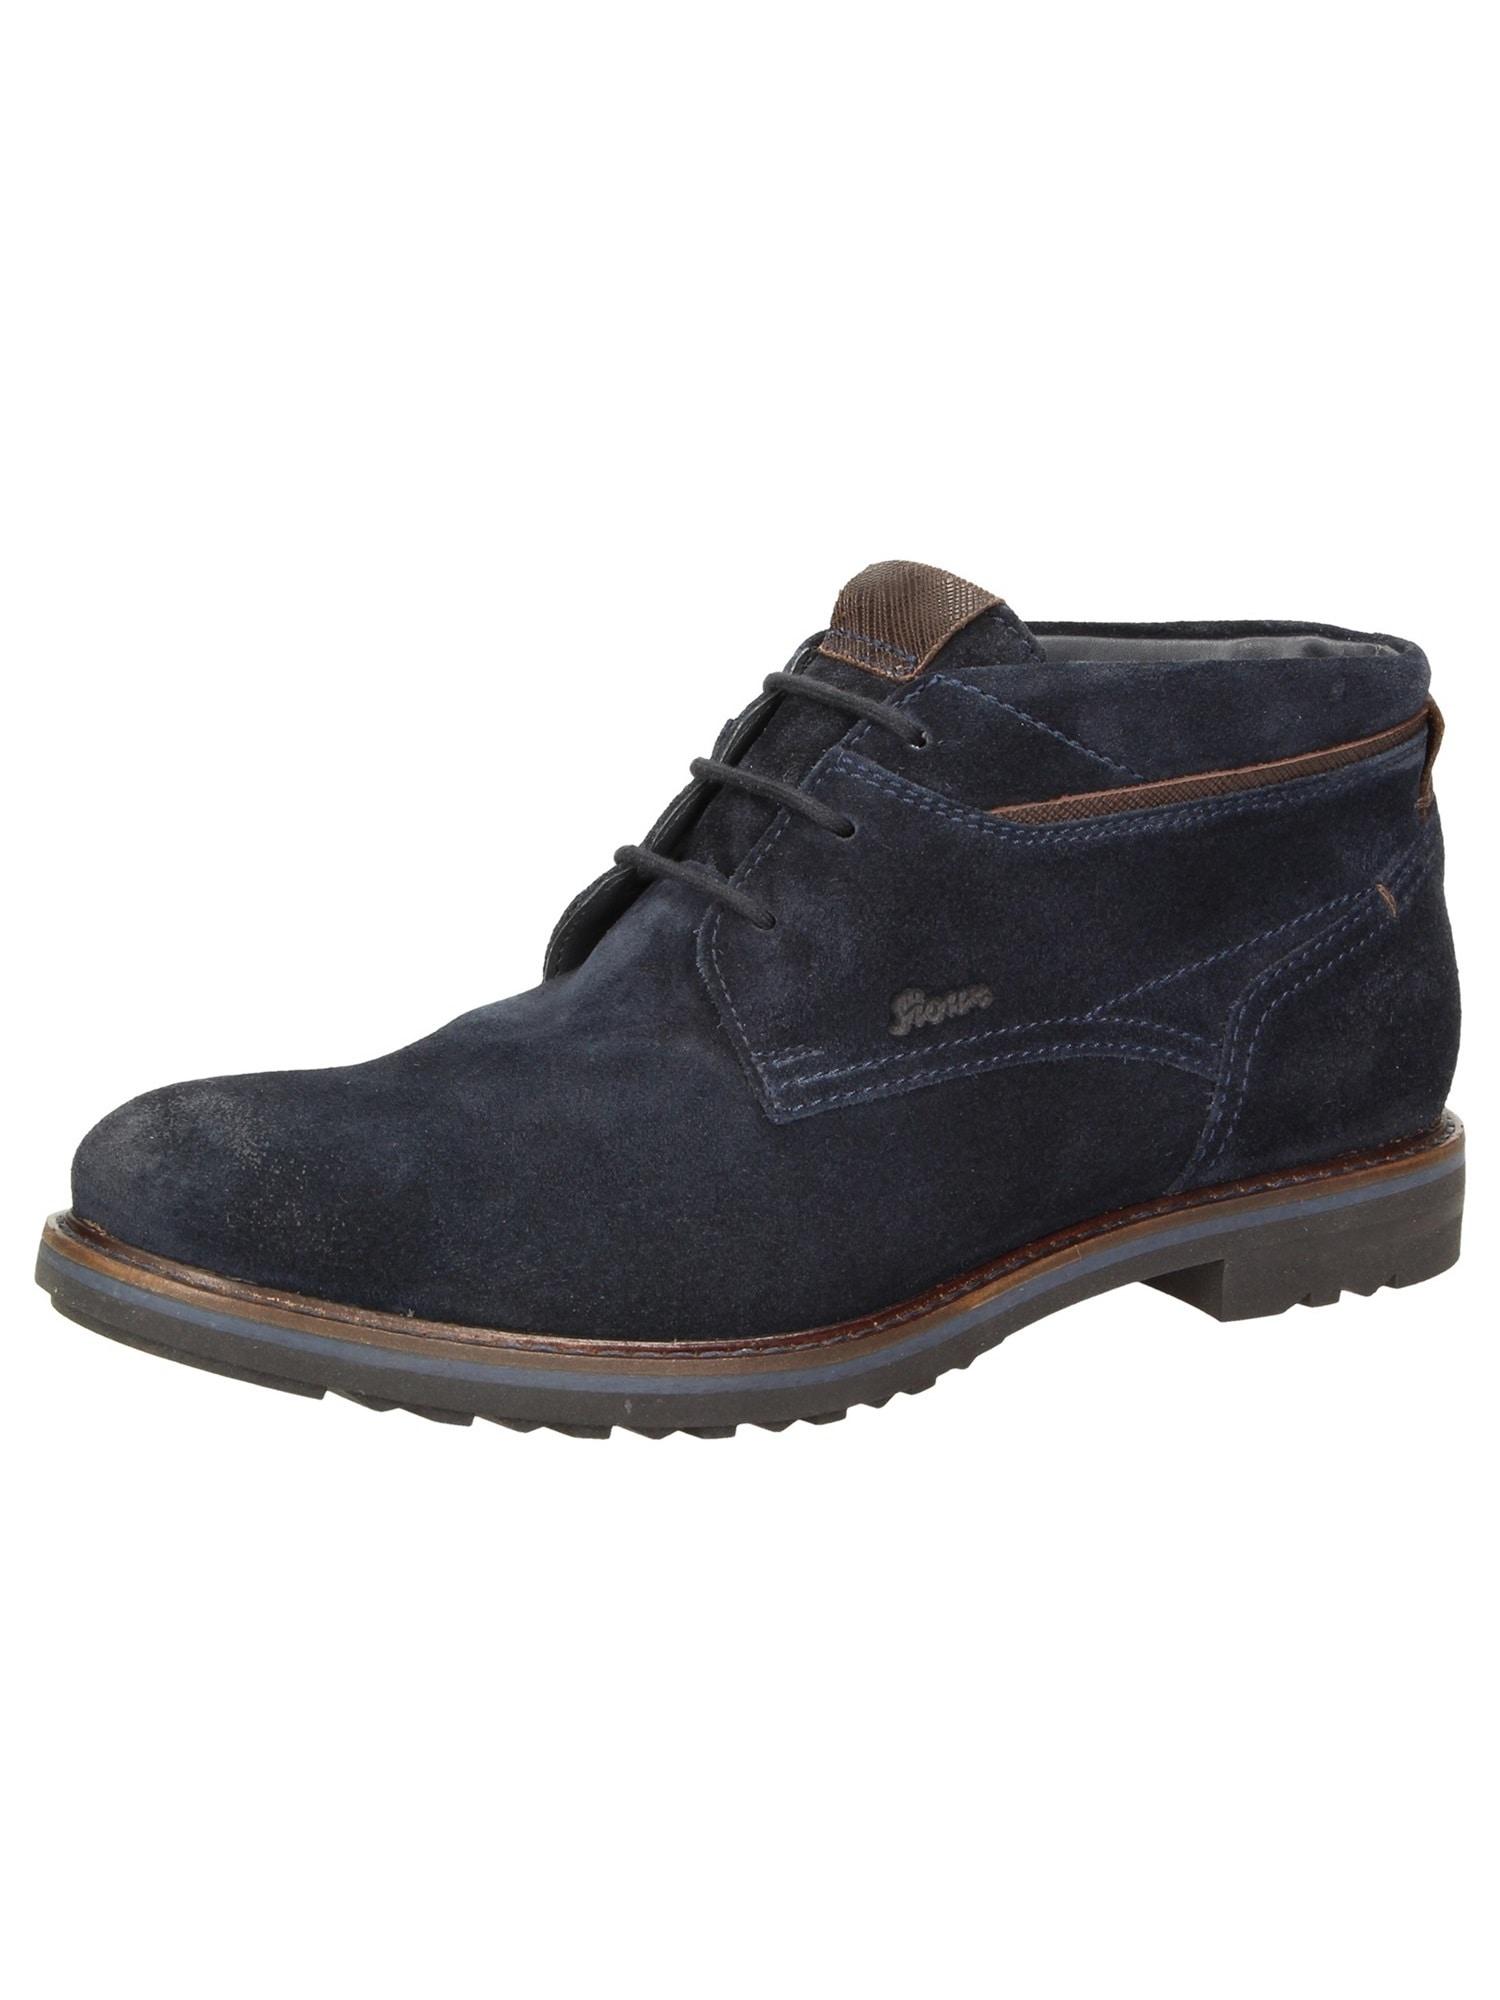 Stiefelette 'Encanio'   Schuhe > Boots   Dunkelblau - Braun   SIOUX